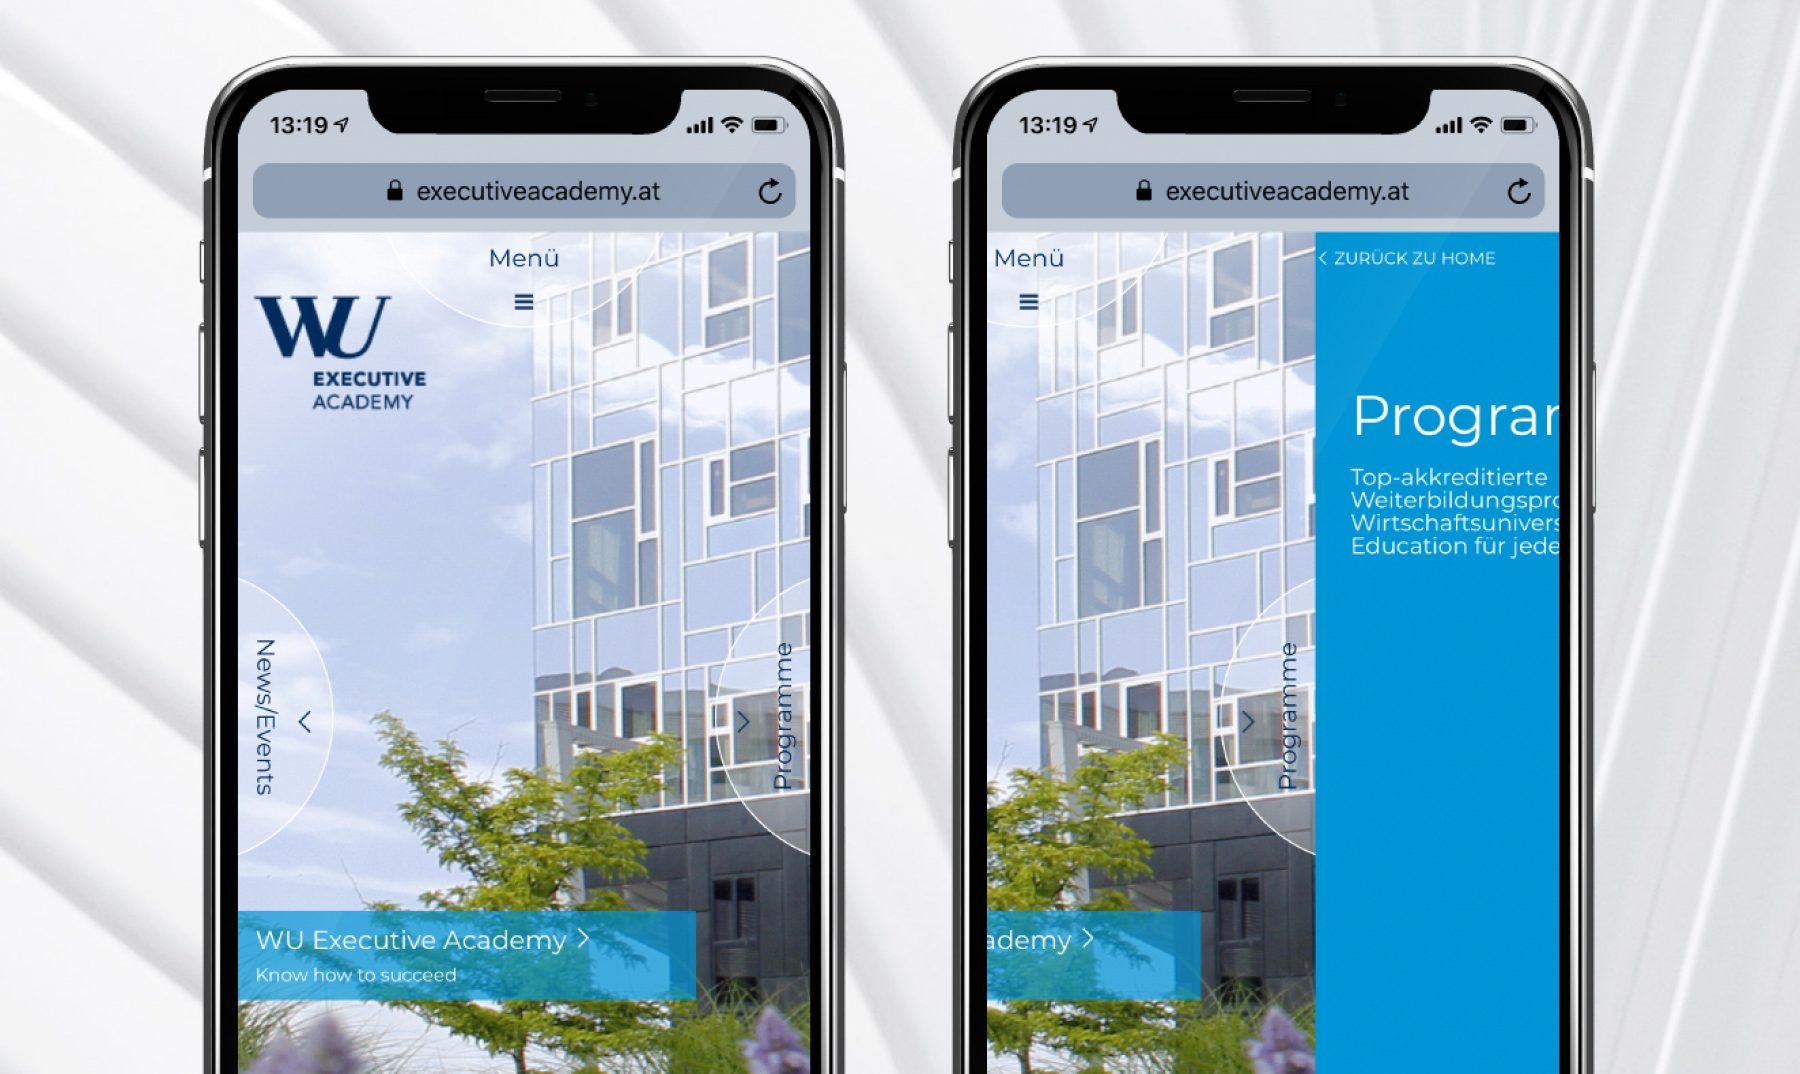 Das Hauptmenü der mobilen Website der WU Executive auf der alle 4 Menü punkte in den 4 Himmelsrichtungen zu sehen sind